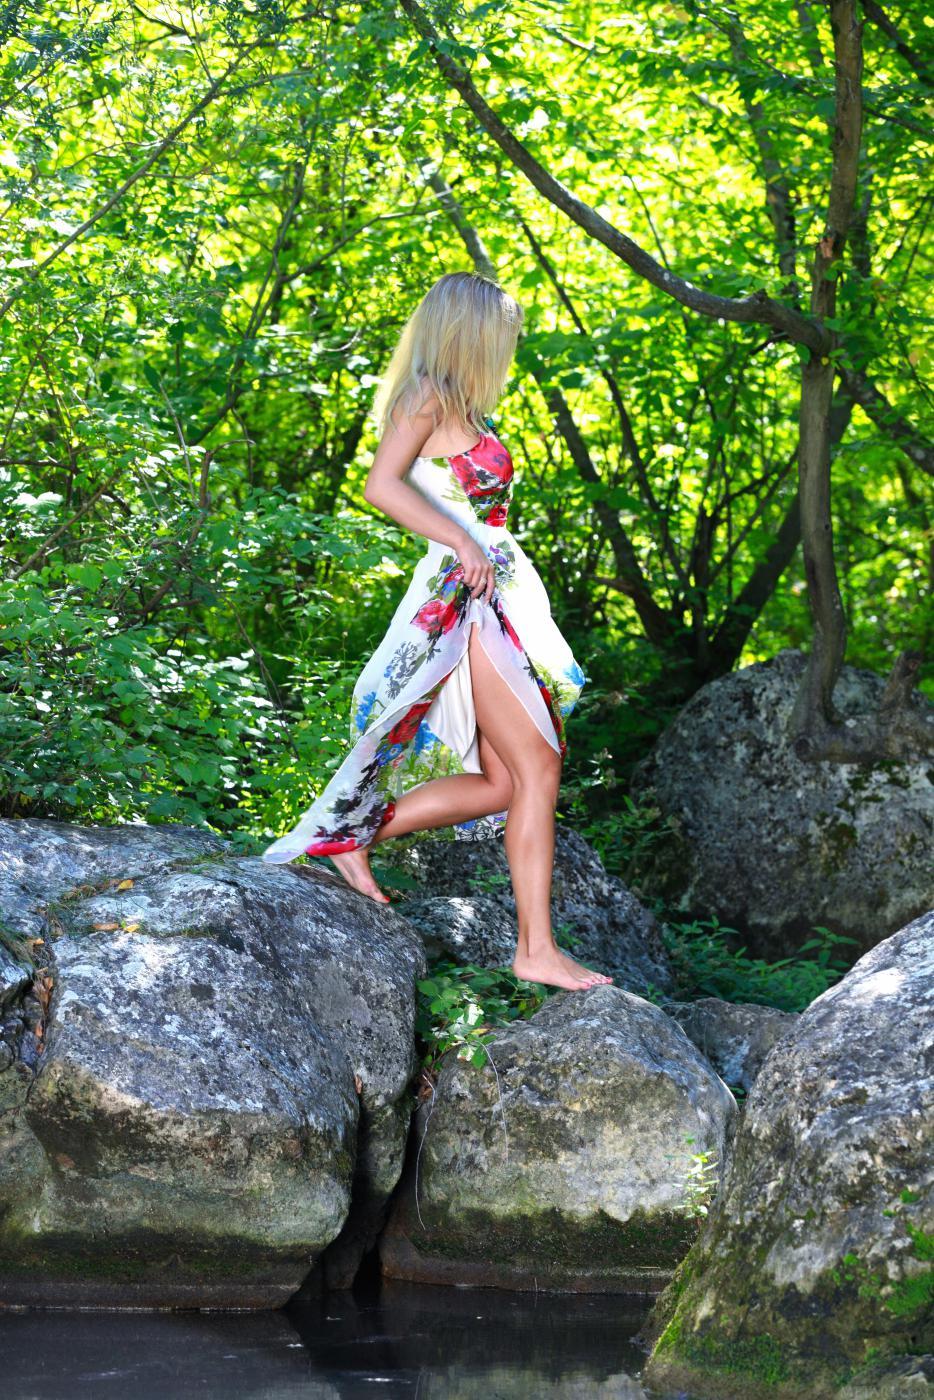 Горячая блондинка Valeri B обнажается на природе и показывает свои упругие сиськи и бритую киску